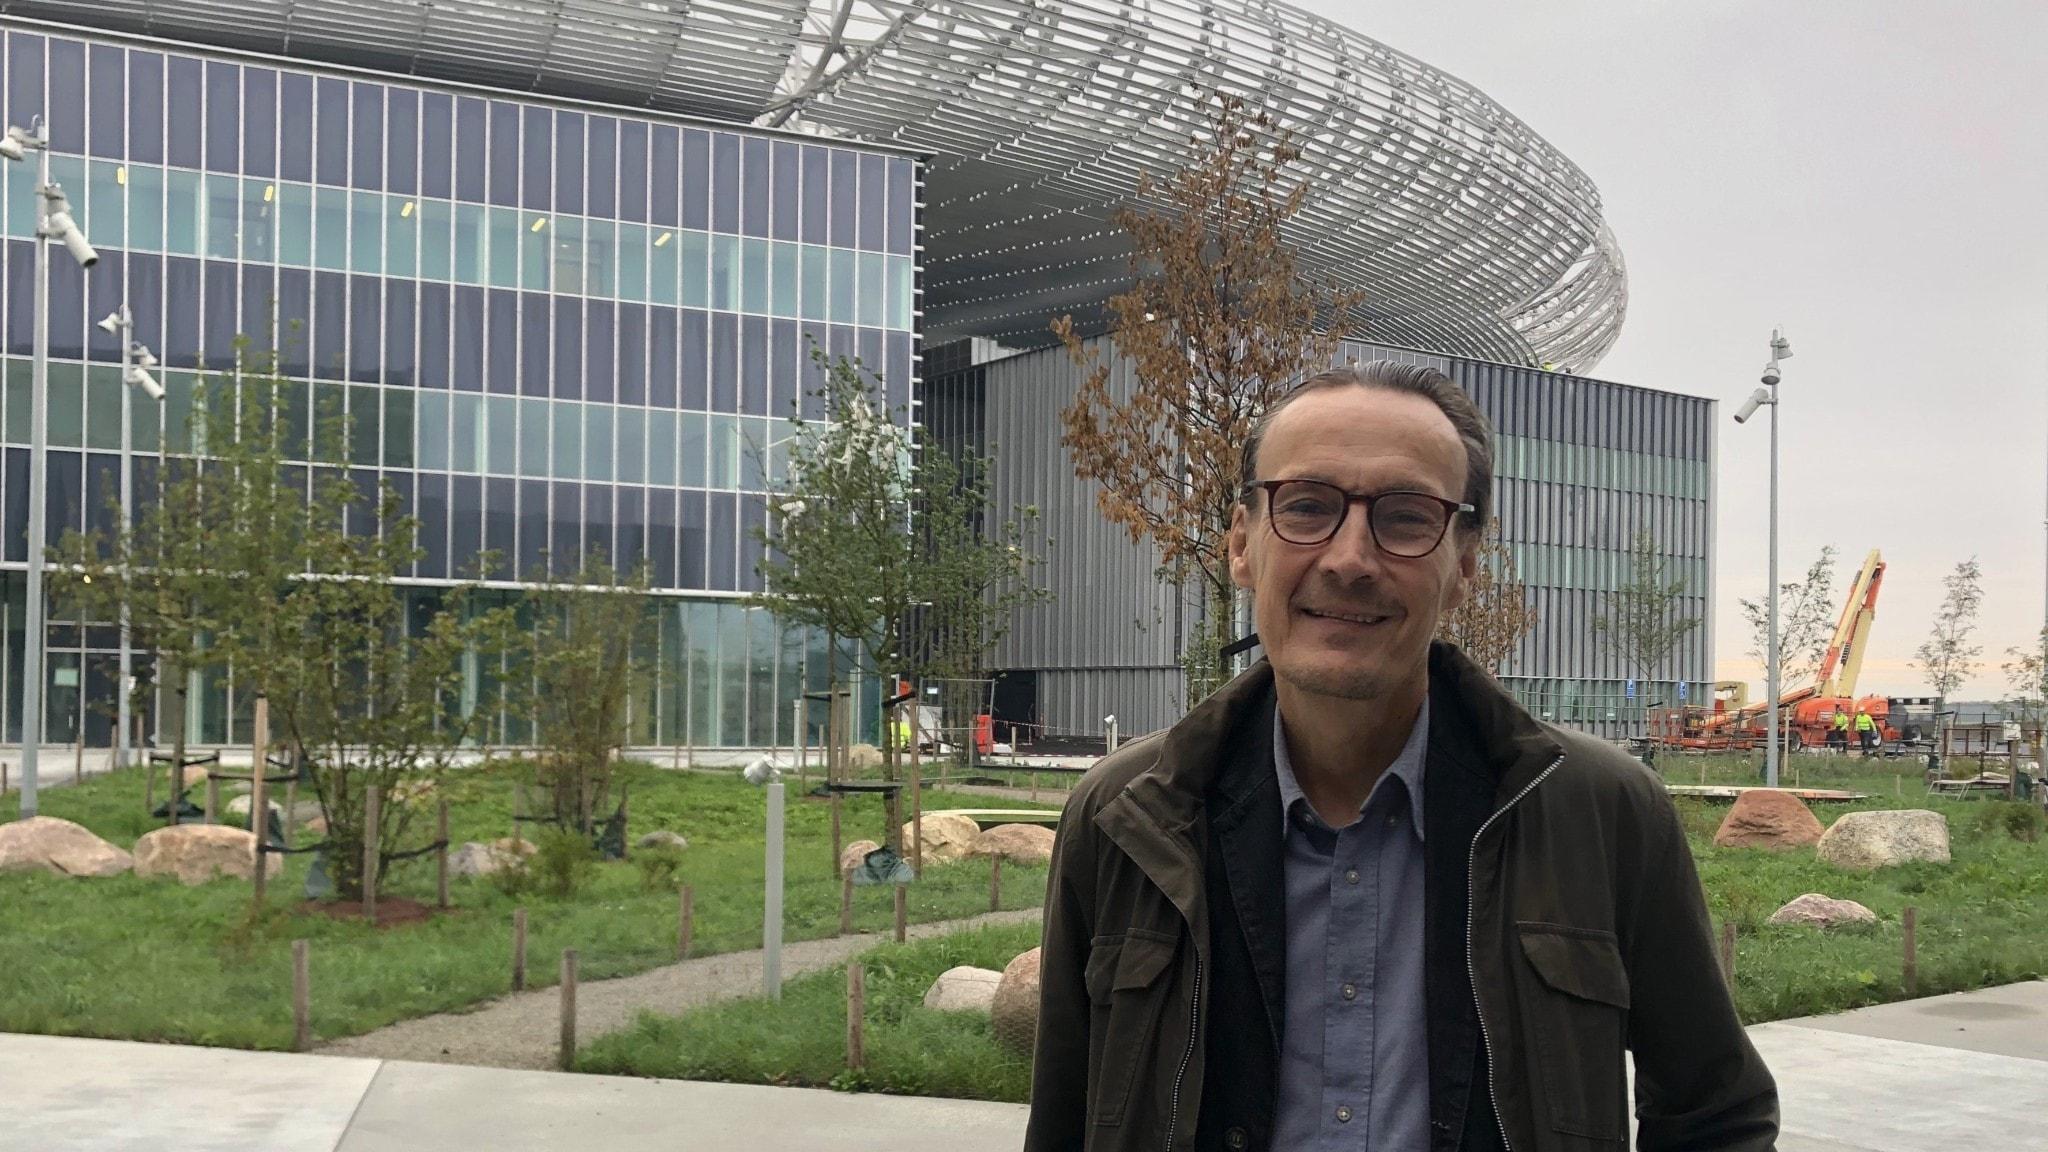 En man står vänd mot kameran och ler. Bakom honom syns en modern byggnad i glas och metall, samt några byggmaskiner.